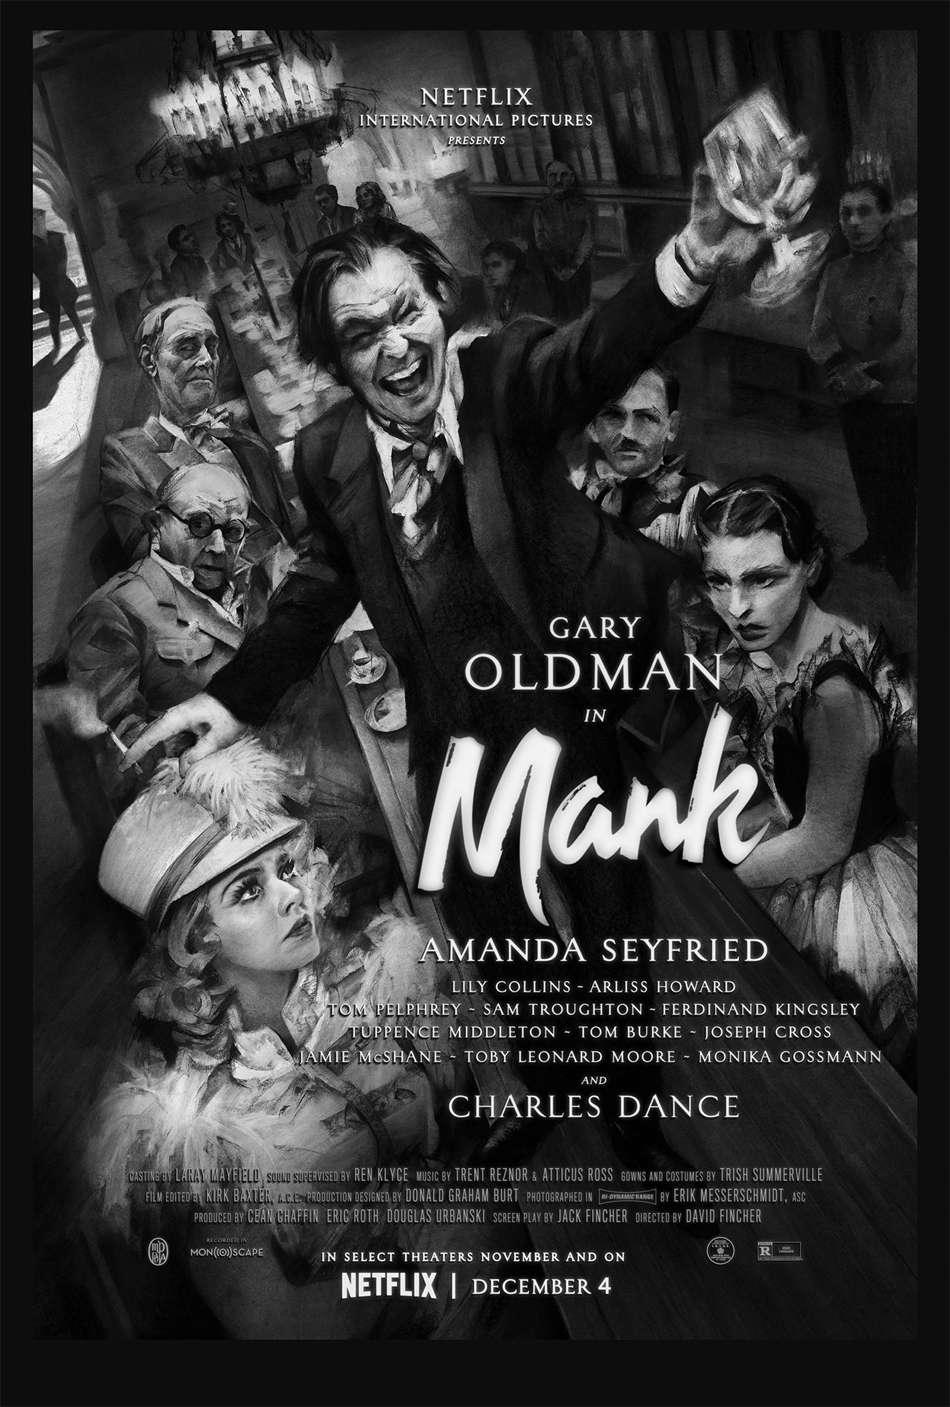 Μανκ (Mank) Poster